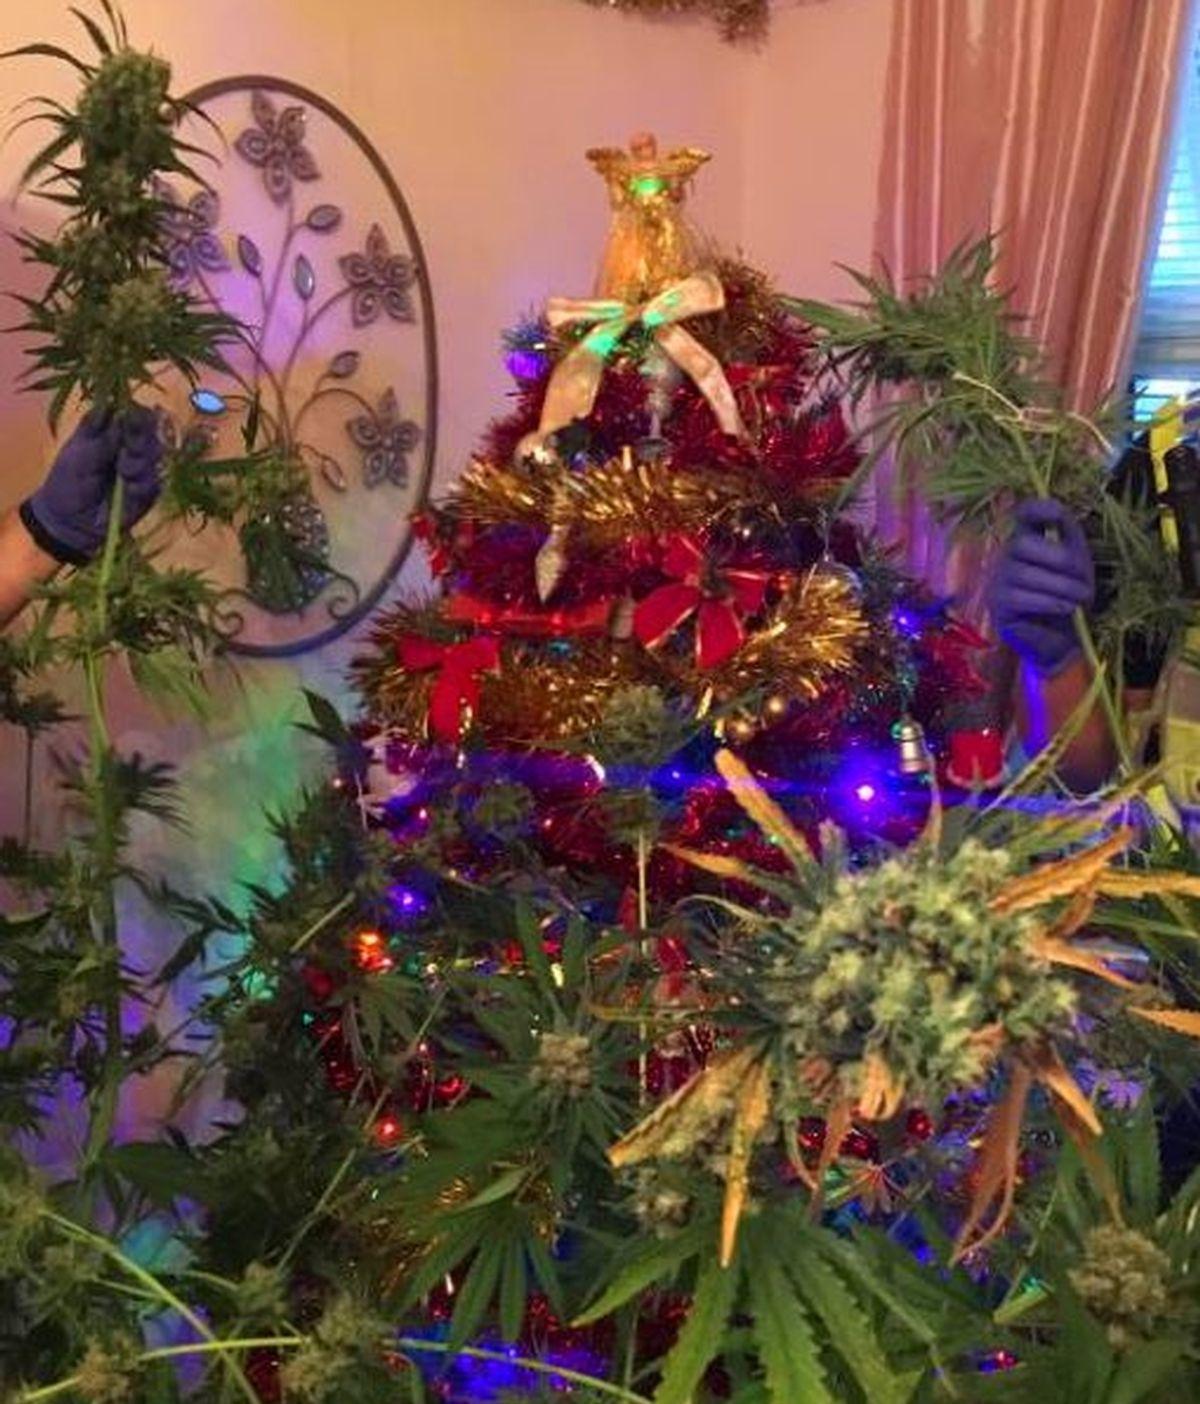 Detenida una pareja que tenía una planta de marihuana como árbol de Navidad